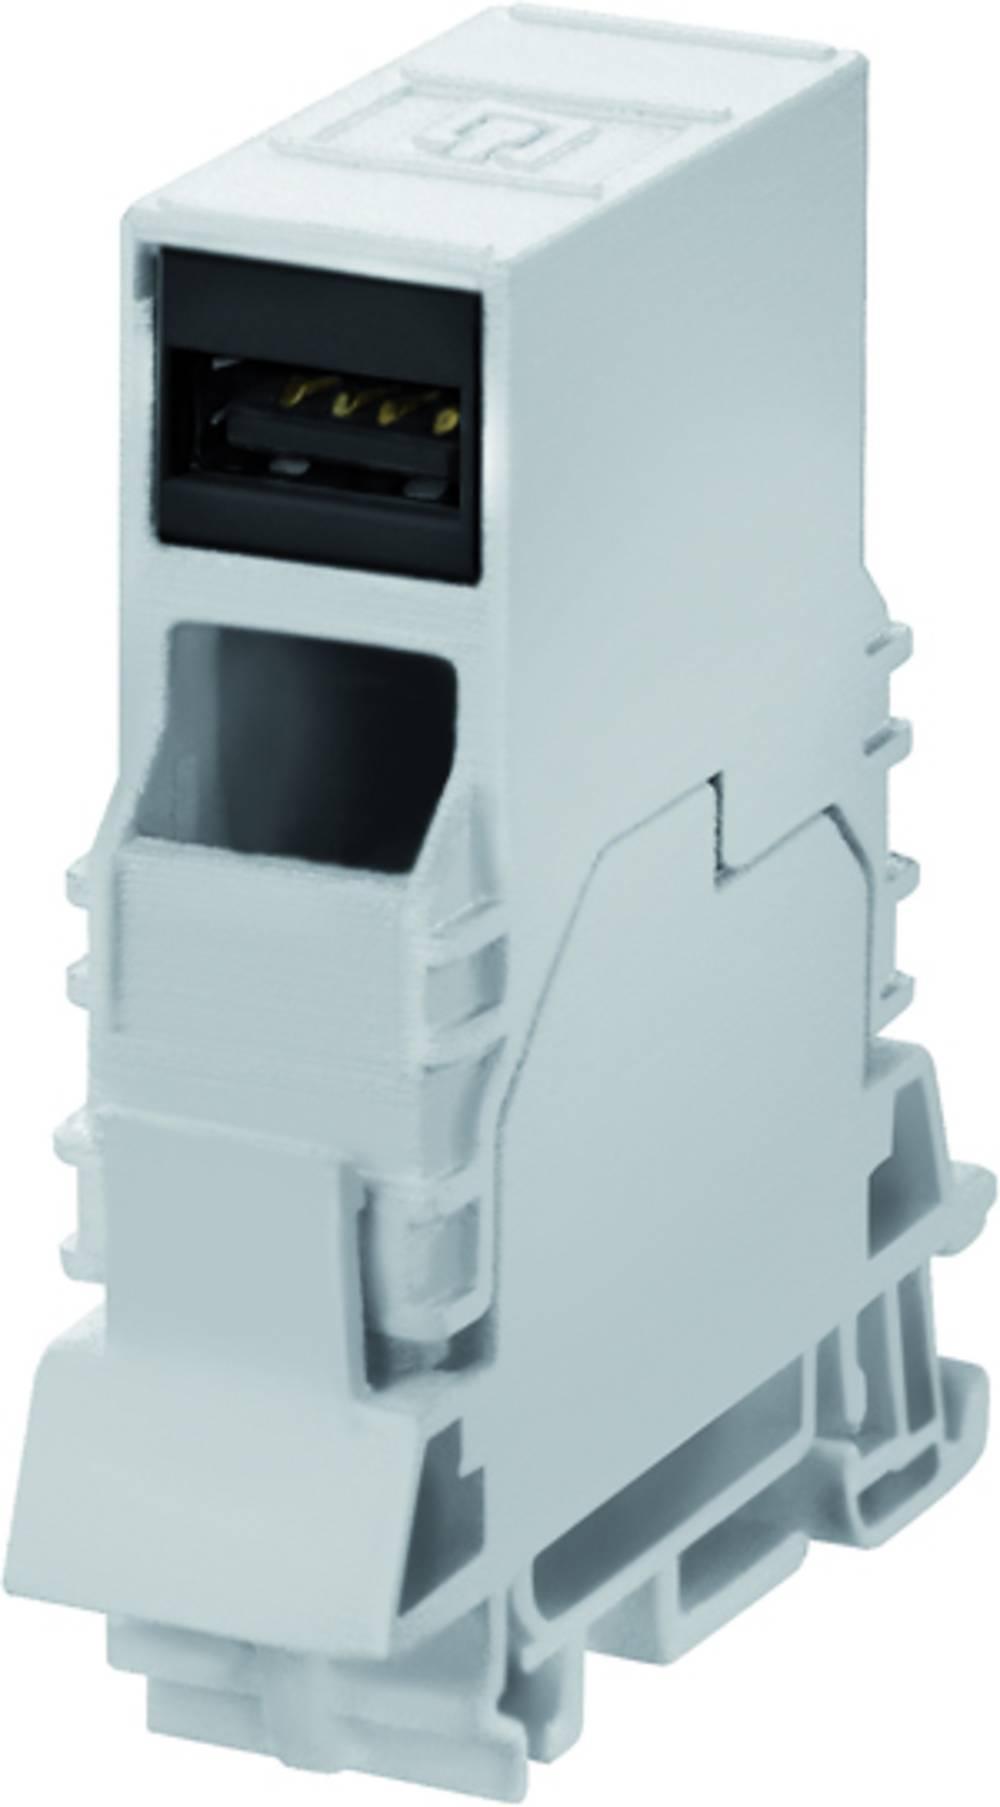 Sensor- /aktor-stikforbinder til indbygning Weidmüller IE-TO-USB 10 stk